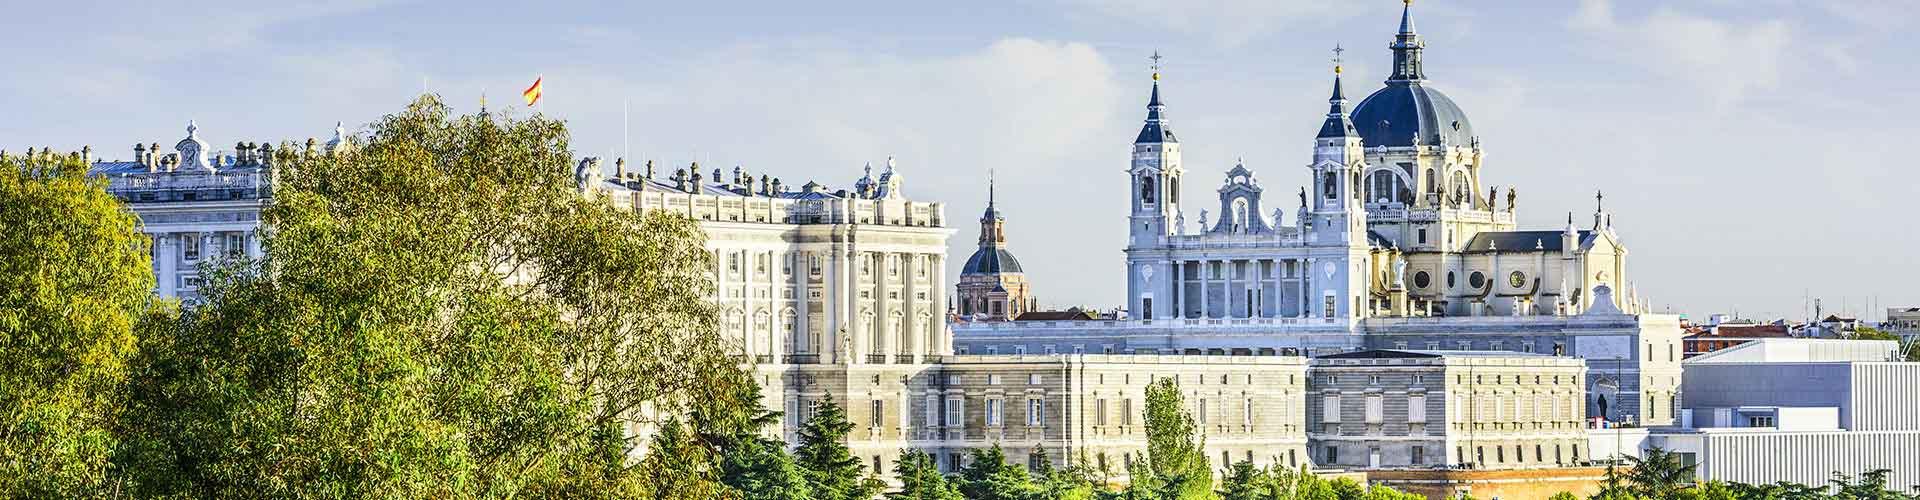 Madrid - Albergues Juveniles en Madrid. Mapas de Madrid, Fotos y Comentarios para cada Albergue Juvenil en Madrid.